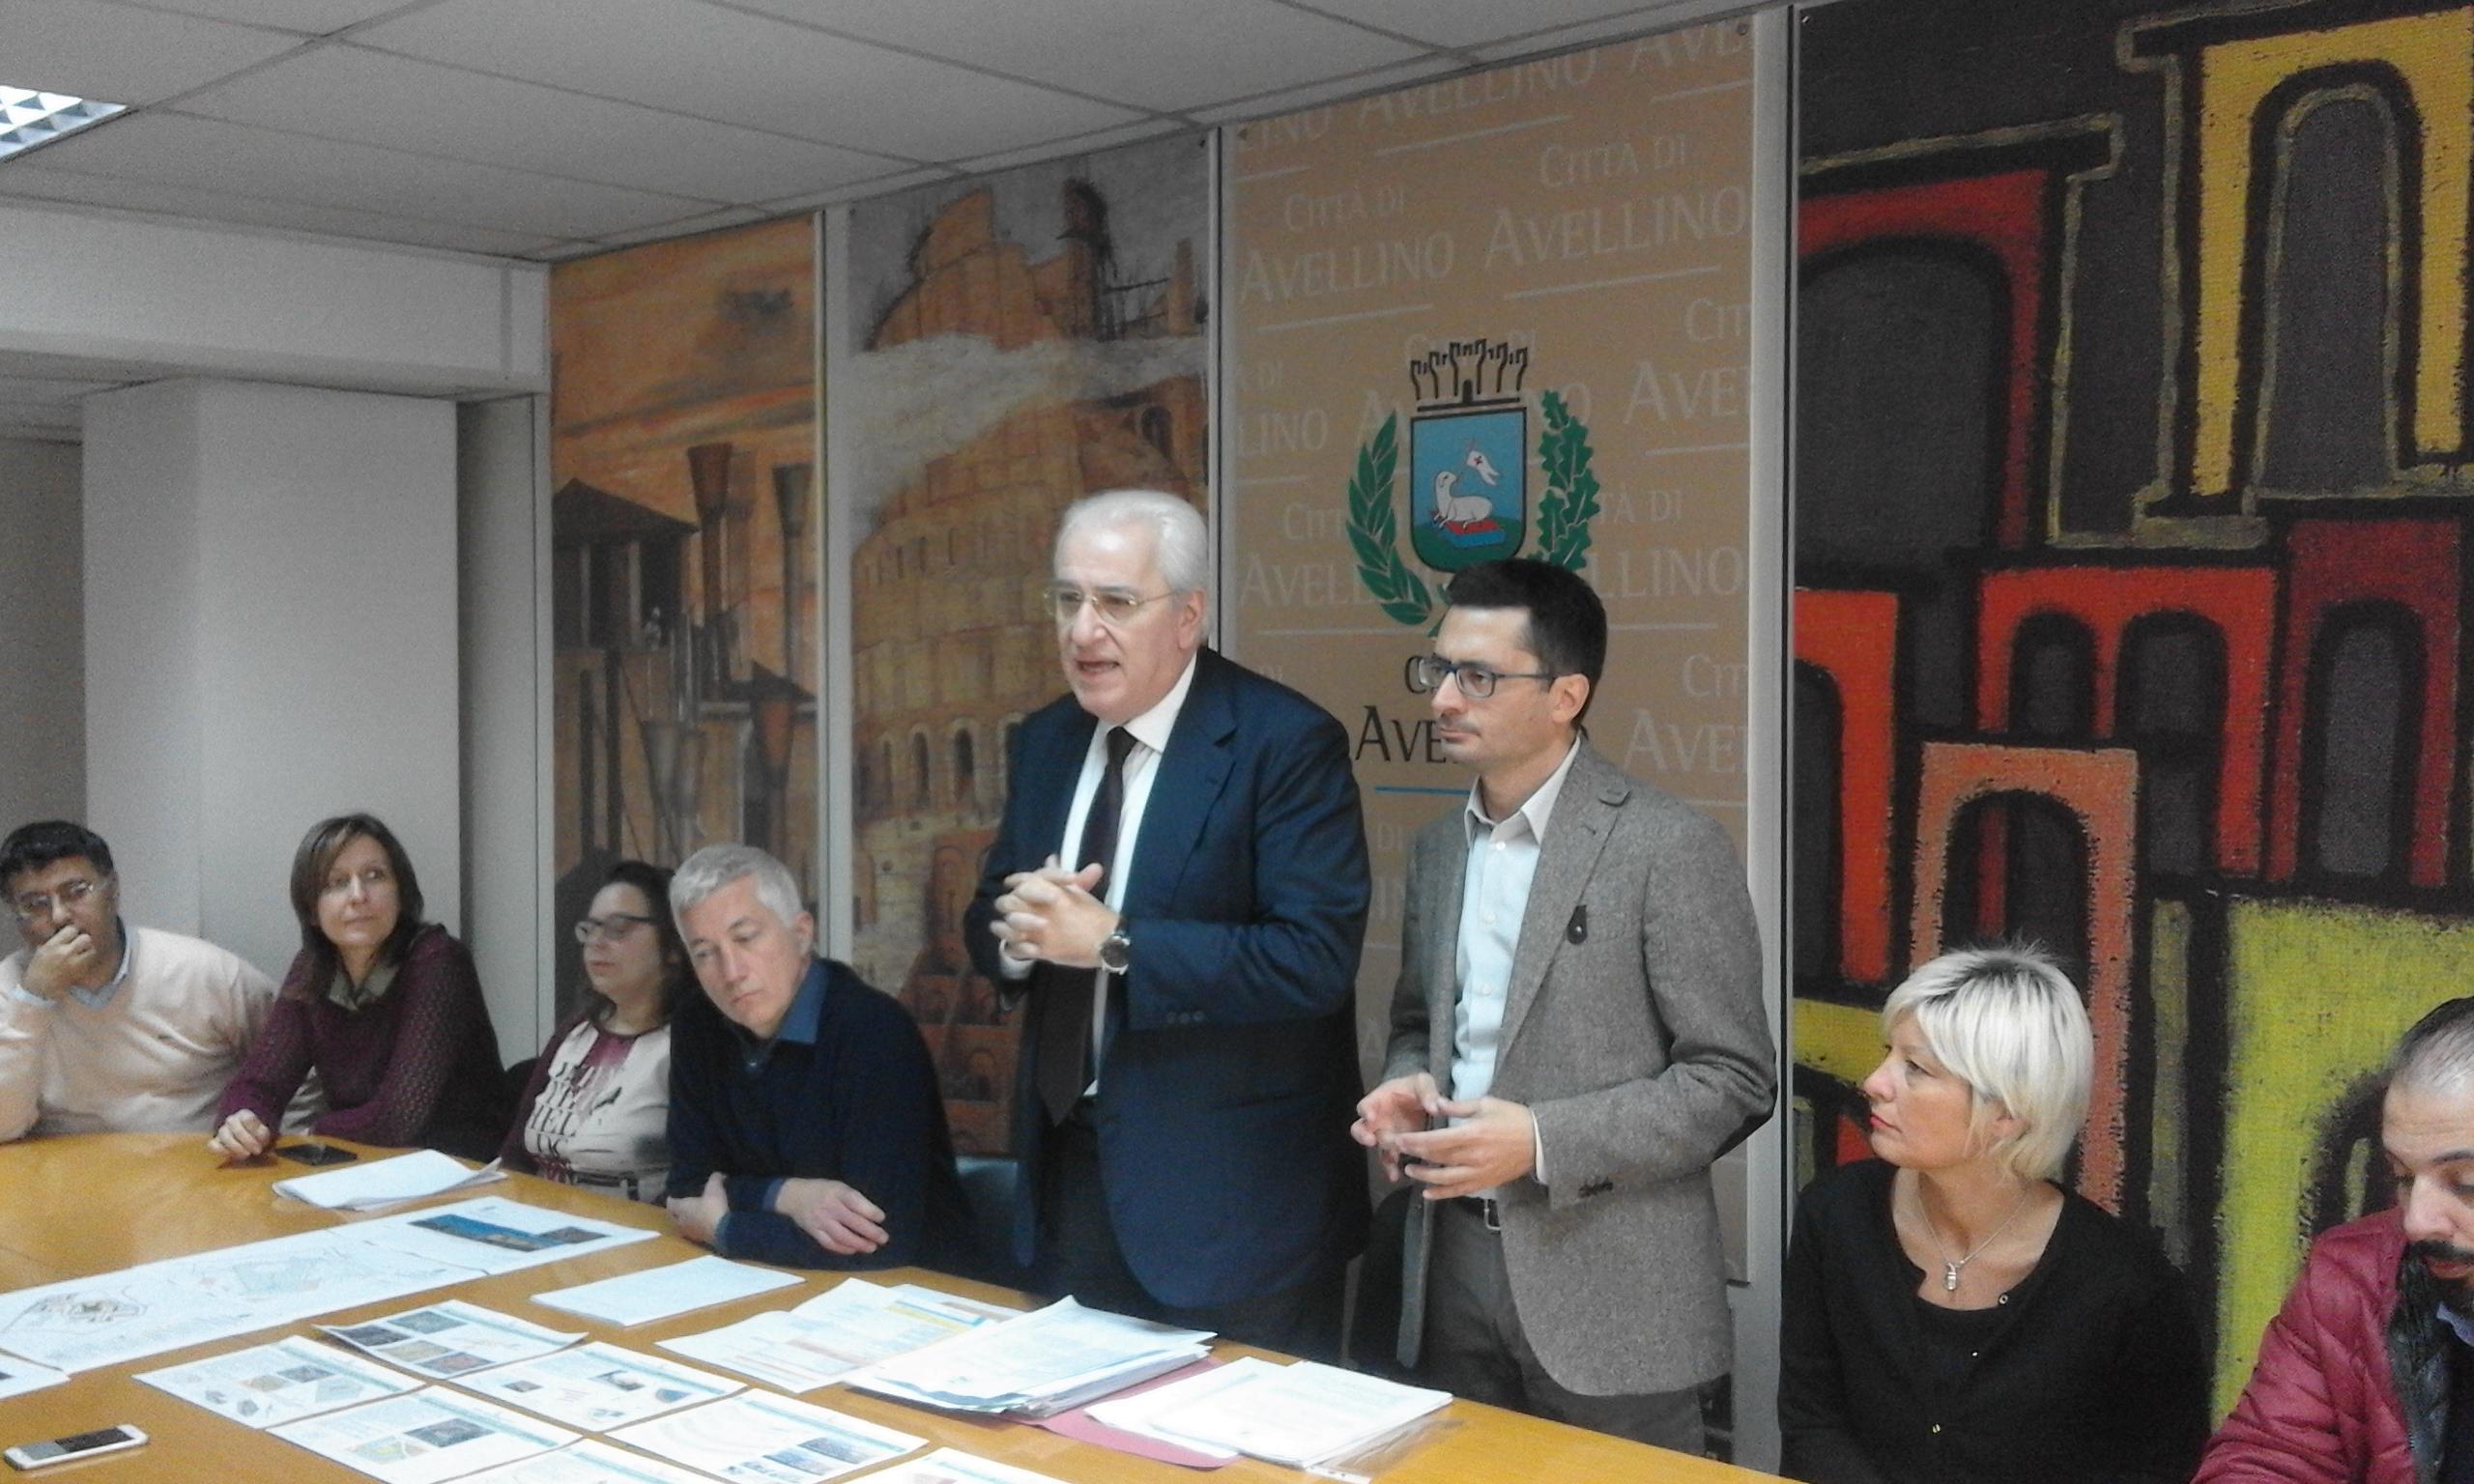 Avellino| L'anno che verrà secondo il sindaco Foti